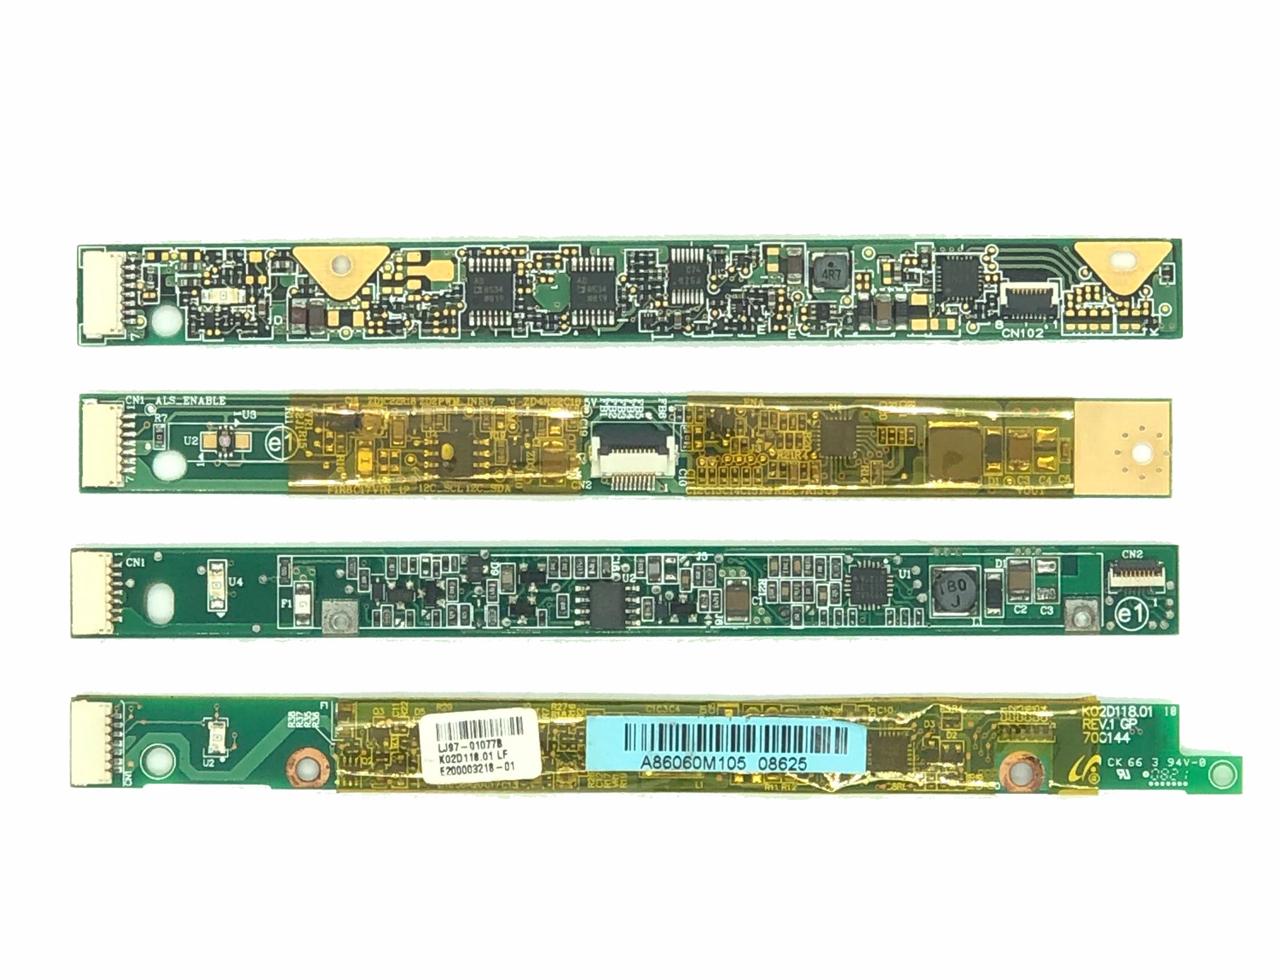 惠普HP 2510P LED 高压条 暗屏备件 NRP28-DEW7VA13 K02D118.01 27-D020957 PWB-IV11122T/B1-AU- LF